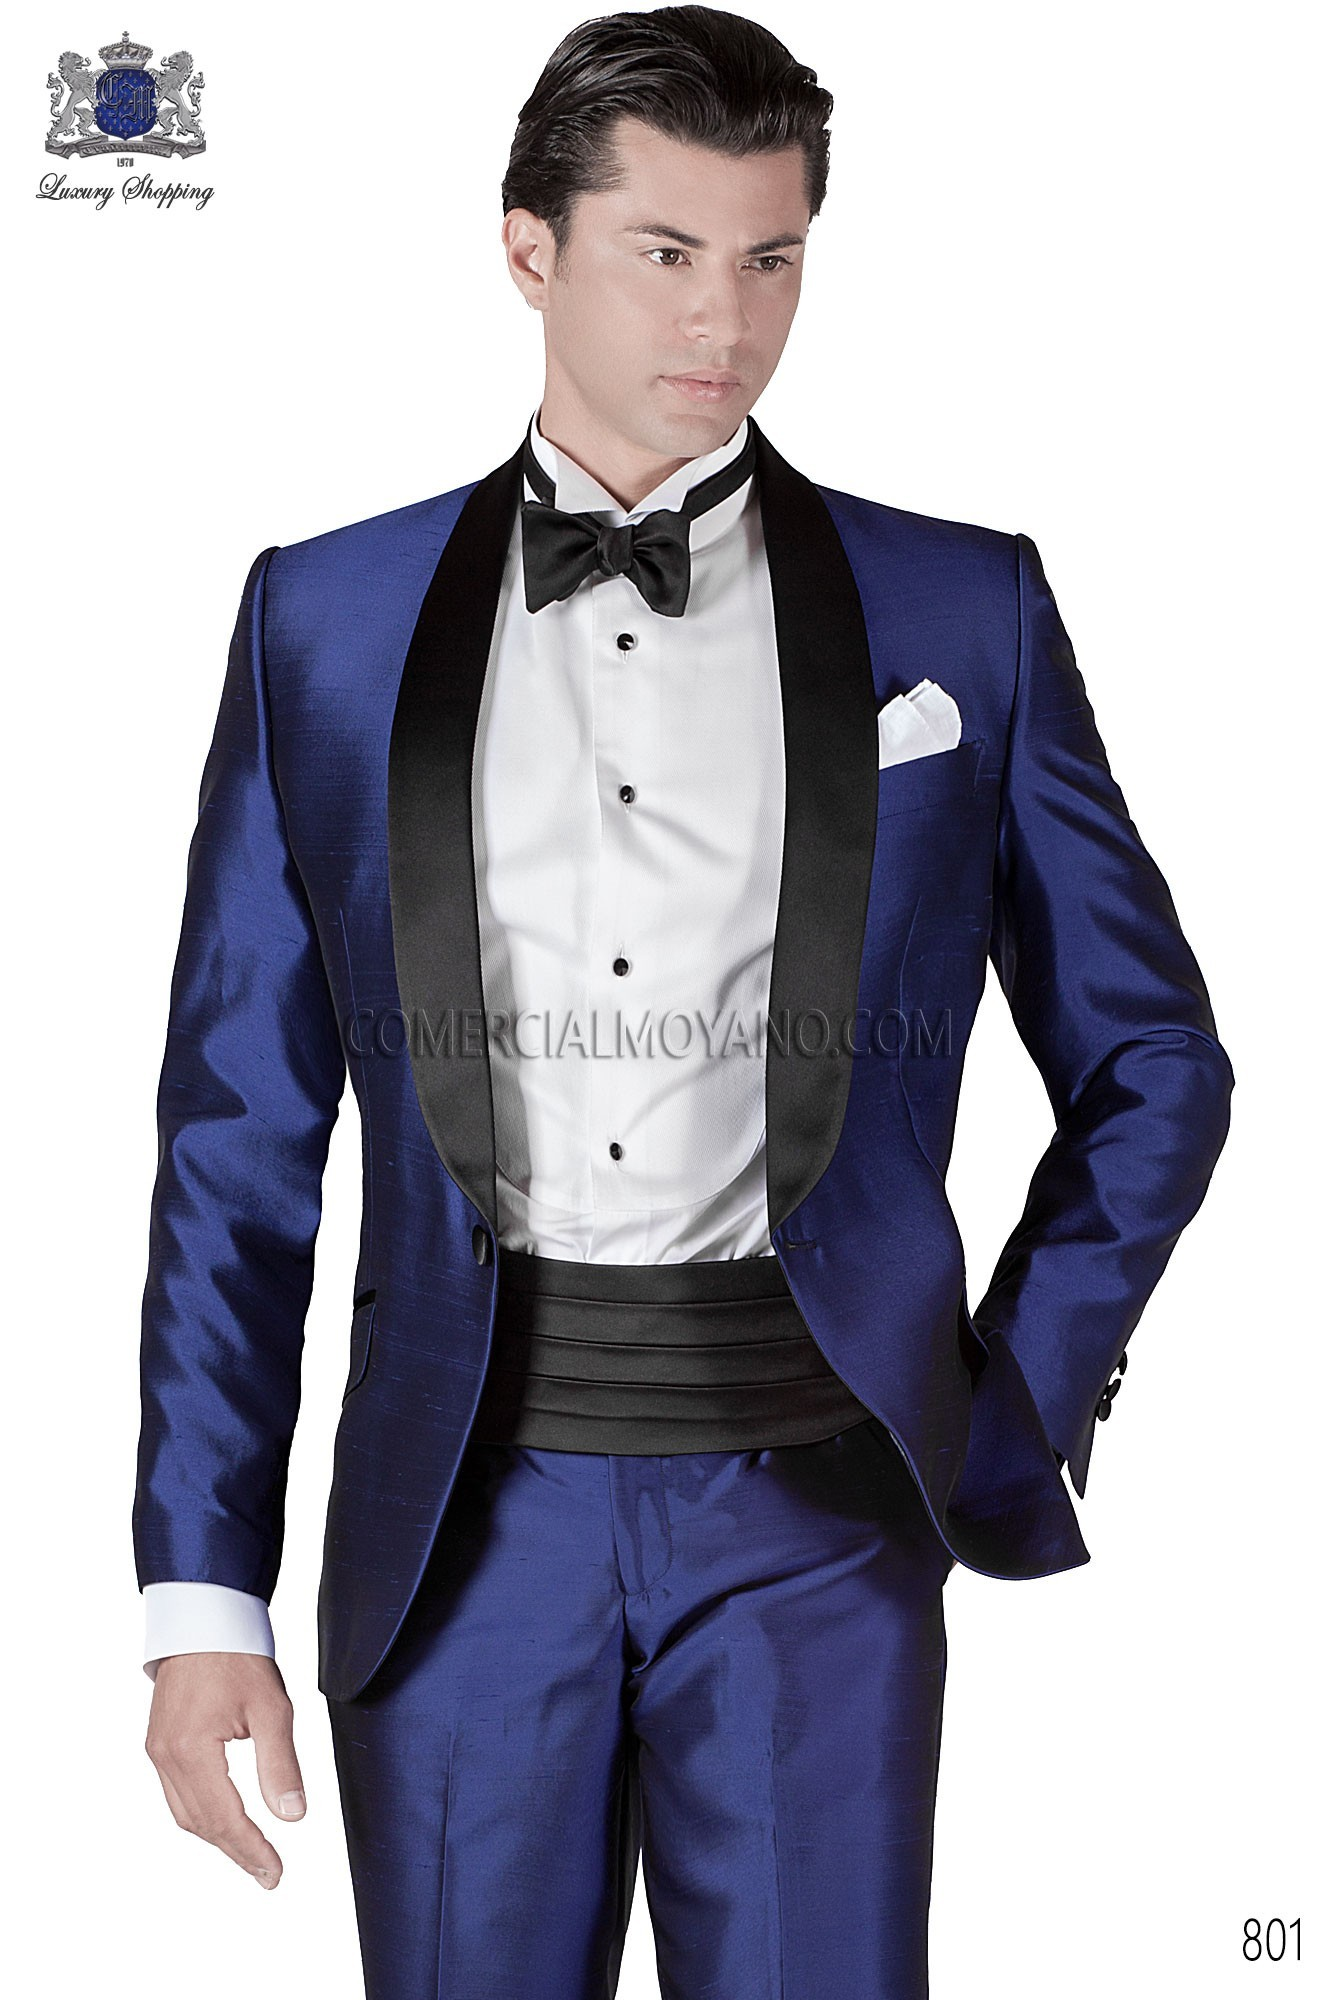 Traje de fiesta hombre azul modelo: 801 Ottavio Nuccio Gala colección Black Tie 2017